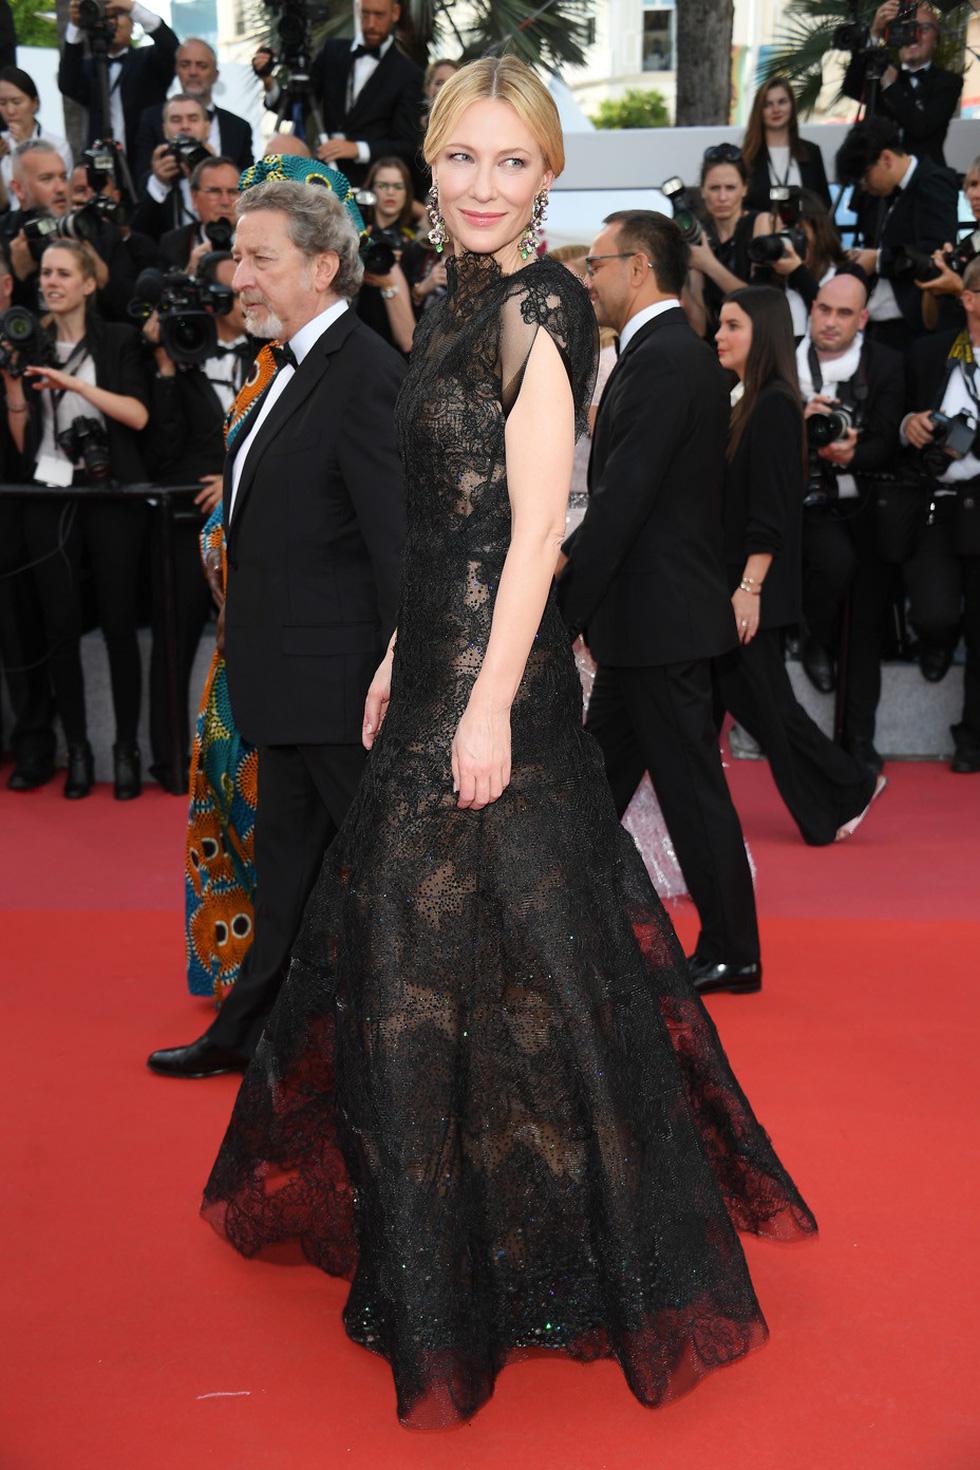 Cate Blanchett mặc đồ cũ, dàn sao nữ lộng lẫy trên thảm đỏ Cannes - Ảnh 1.